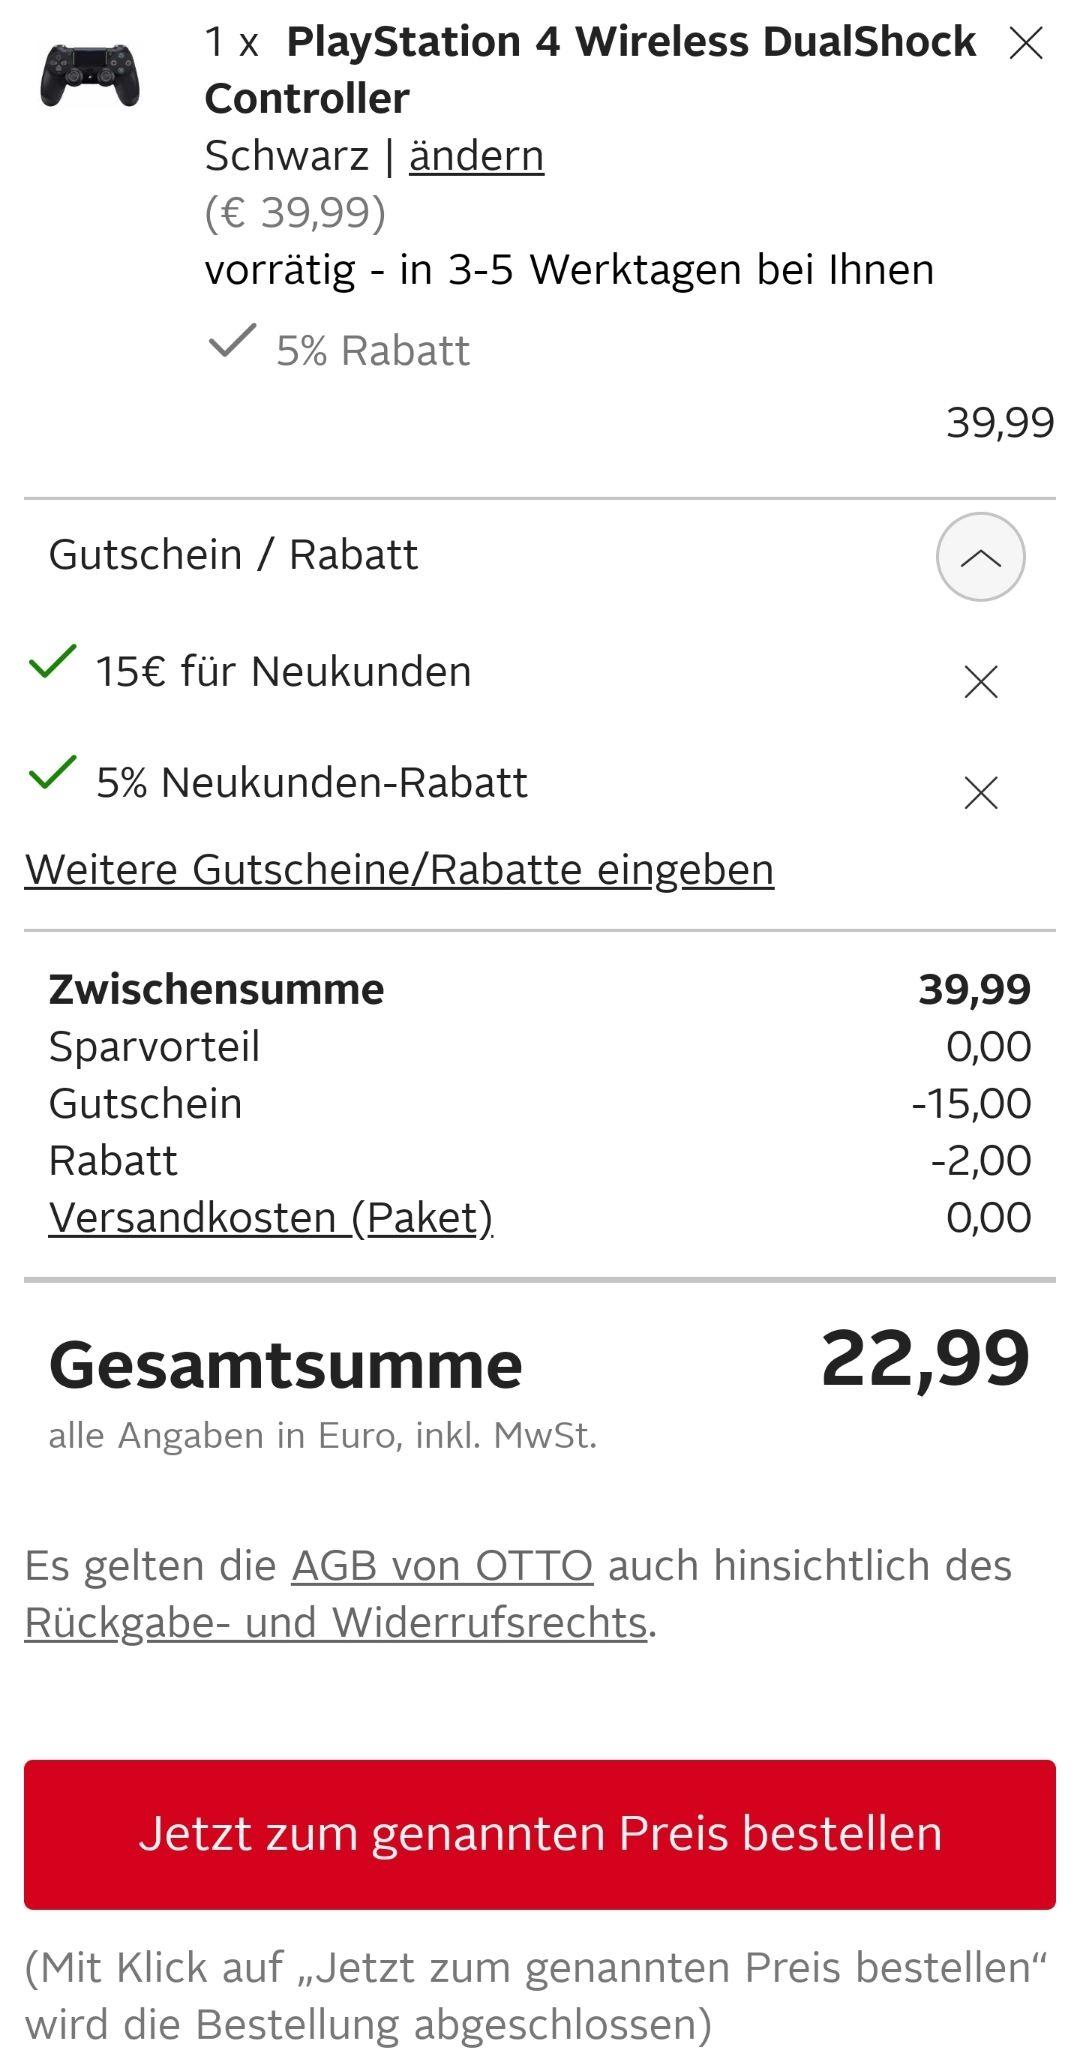 [OTTO] Sony PlayStation Dualshock 4 Controller für nur 22,99€